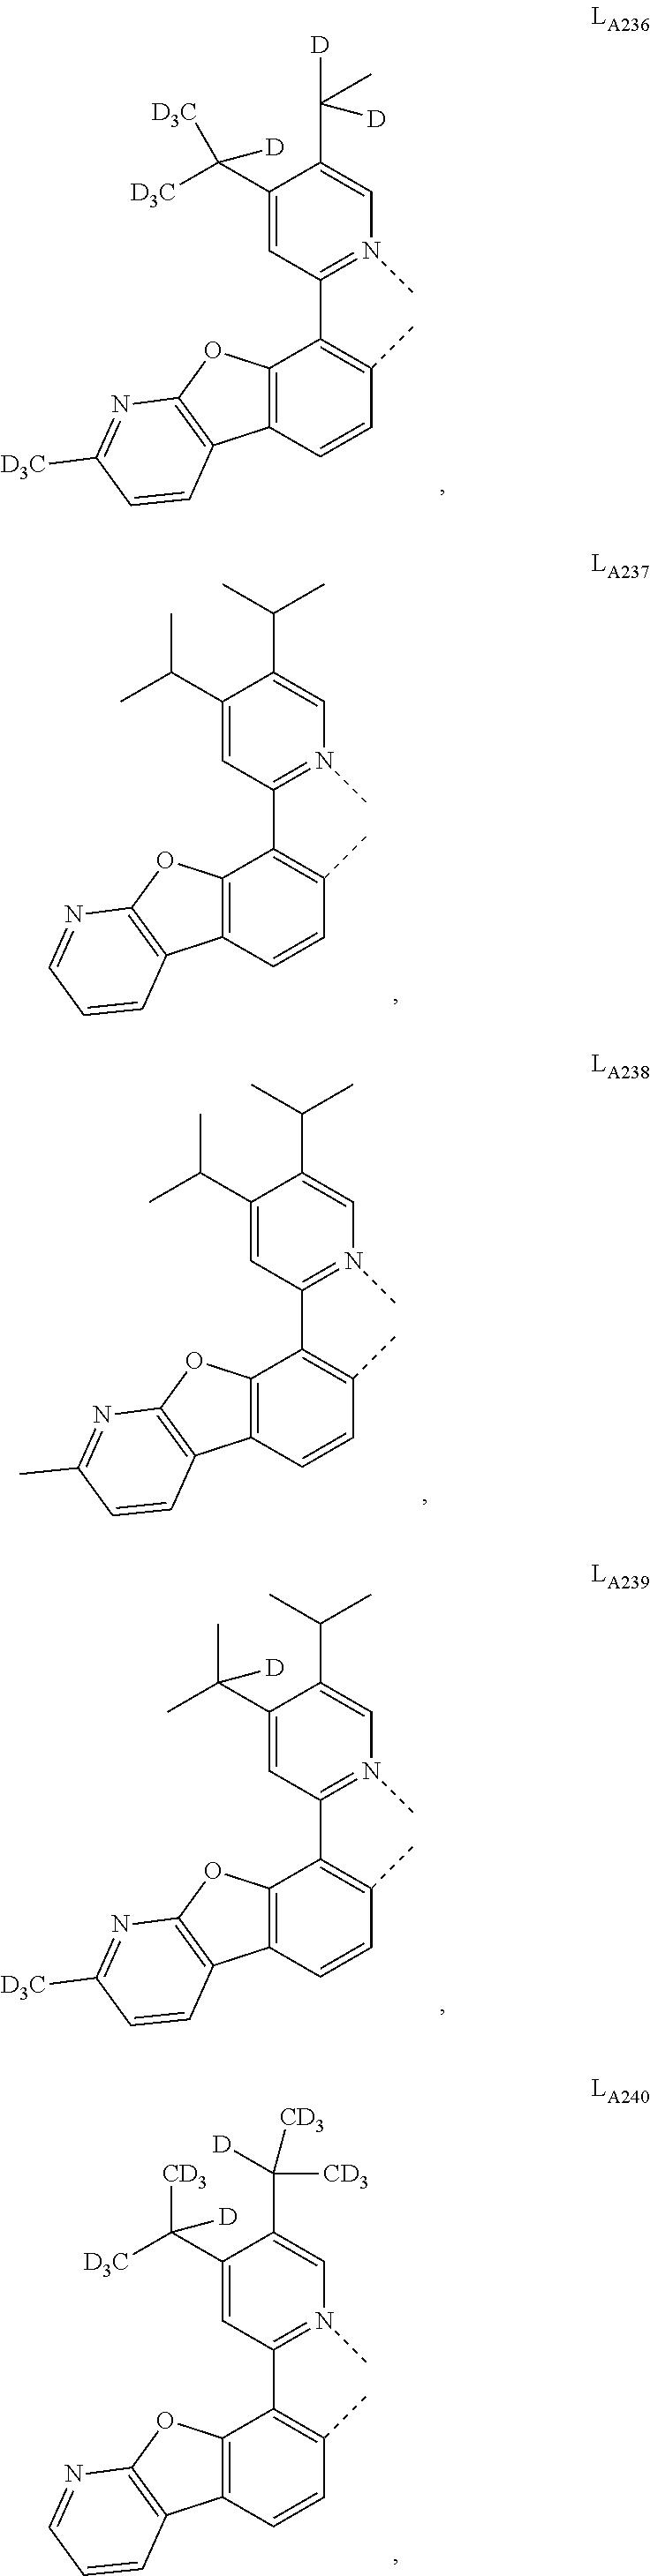 Figure US20160049599A1-20160218-C00449